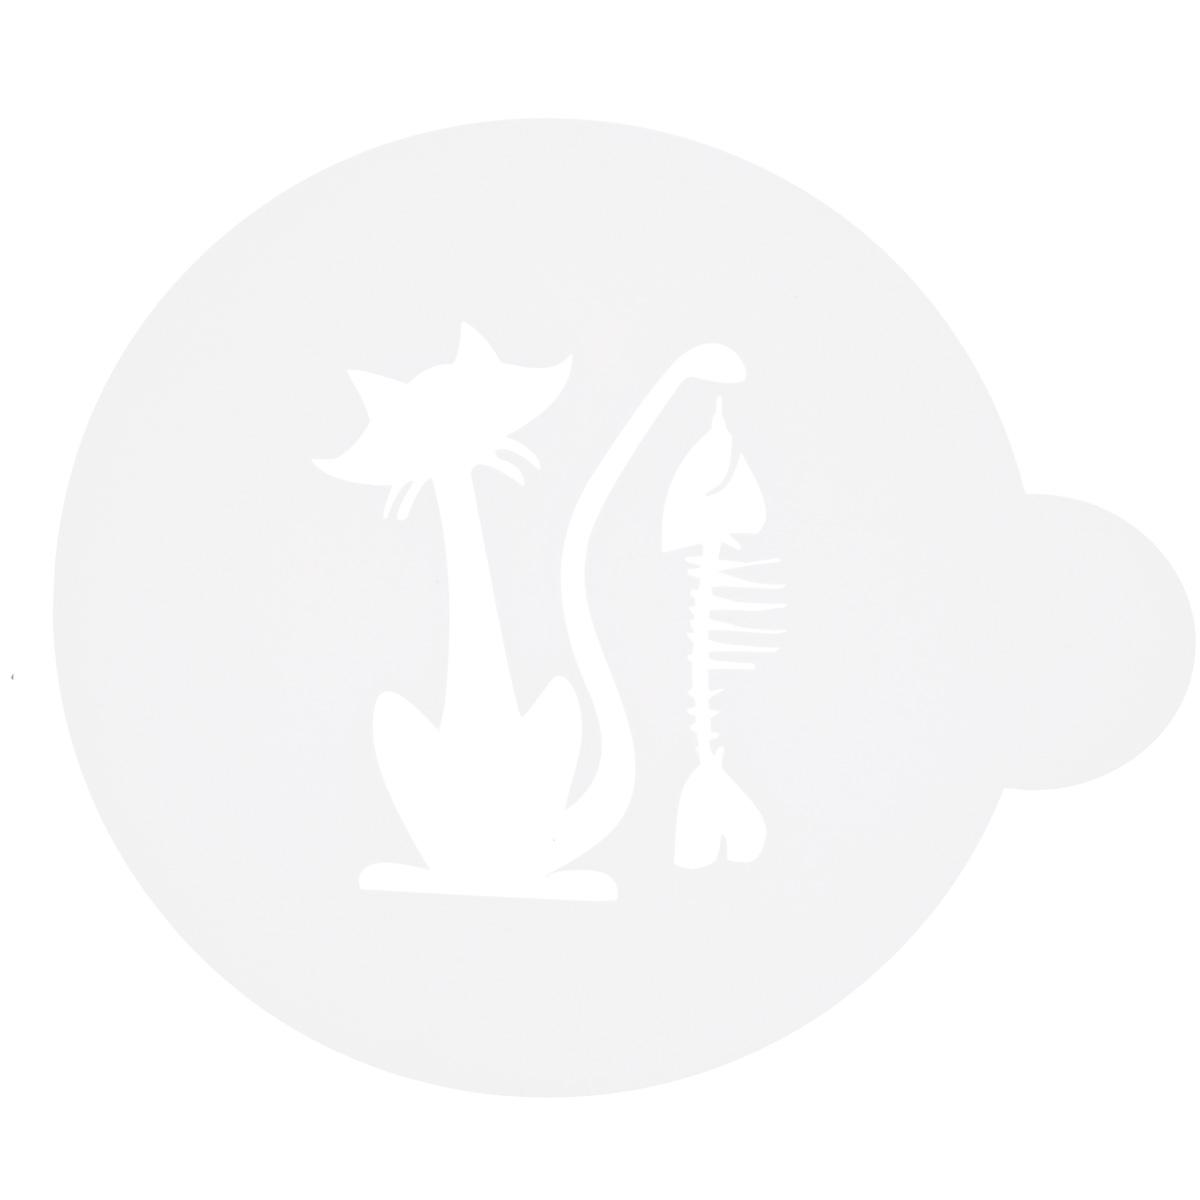 Трафарет на кофе и десерты Леденцовая фабрика Кошка с рыбой, диаметр 10 смТ011Трафарет представляет собой пластину с прорезями, через которые пищевая краска (сахарная пудра, какао, шоколад, сливки, корица, дробленый орех) наносится на поверхность кофе, молочных коктейлей, десертов. Трафарет изготовлен из матового пищевого пластика 250 мкм и пригоден для контакта с пищевыми продуктами. Трафарет многоразовый. Побалуйте себя и ваших близких красиво оформленным кофе.